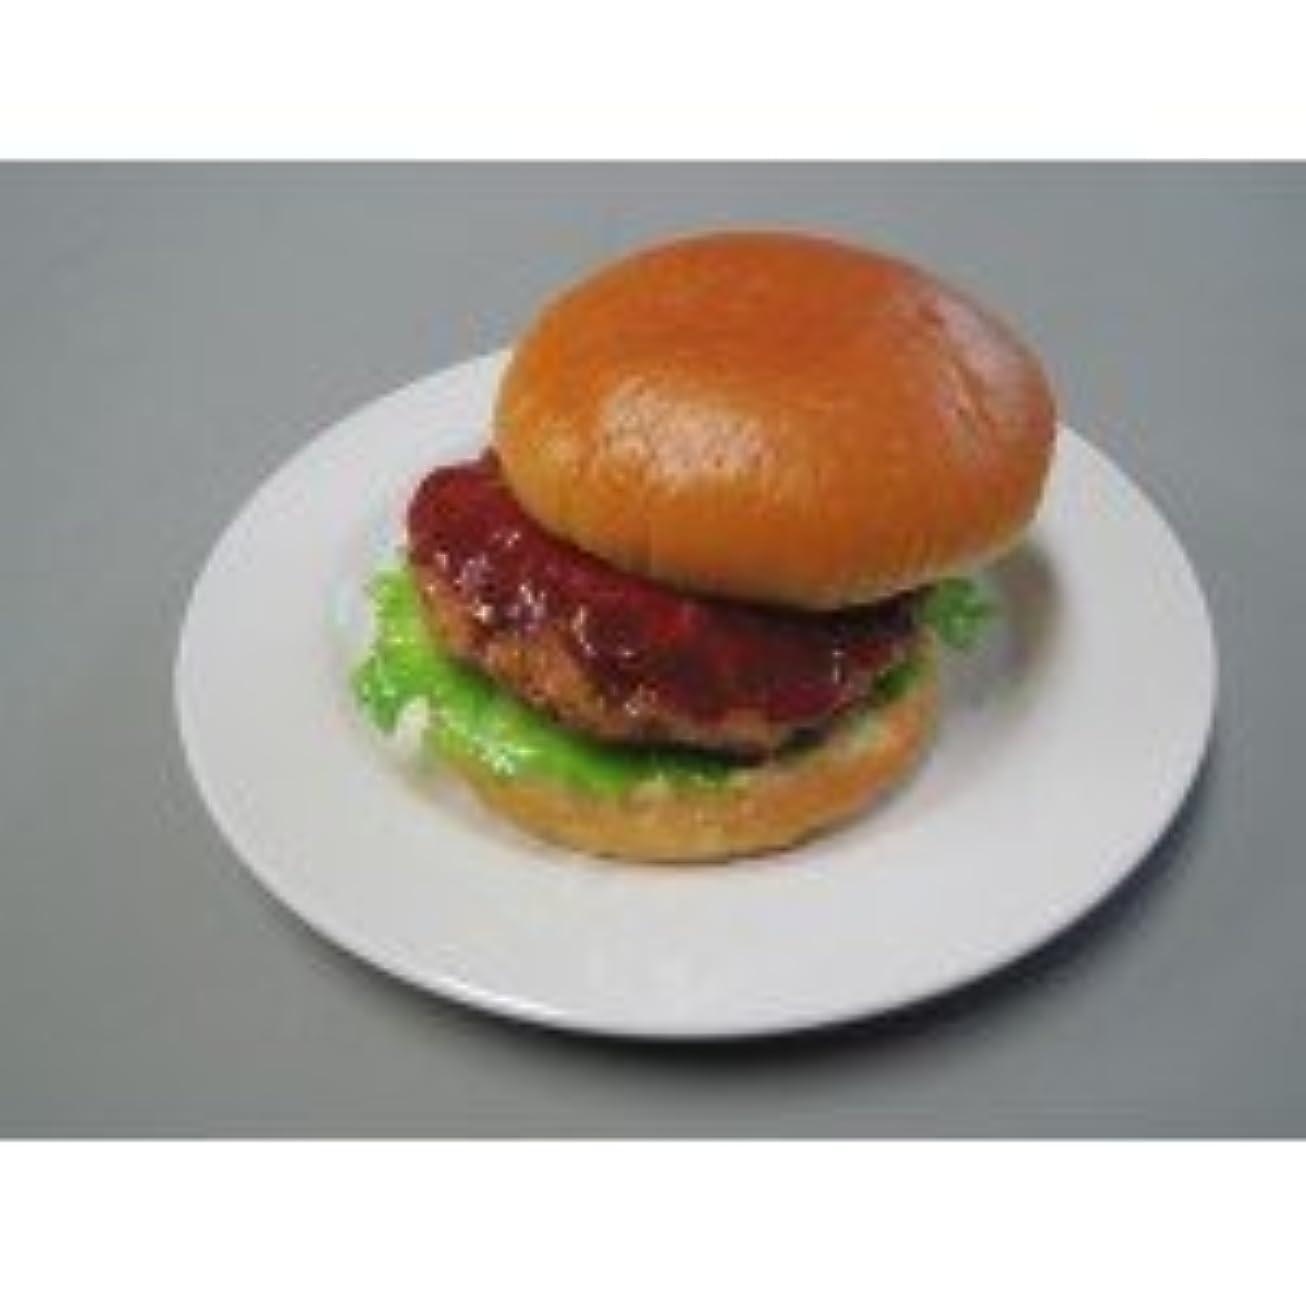 信じる克服する愛人日本職人が作る 食品サンプル ハンバーガー IP-198